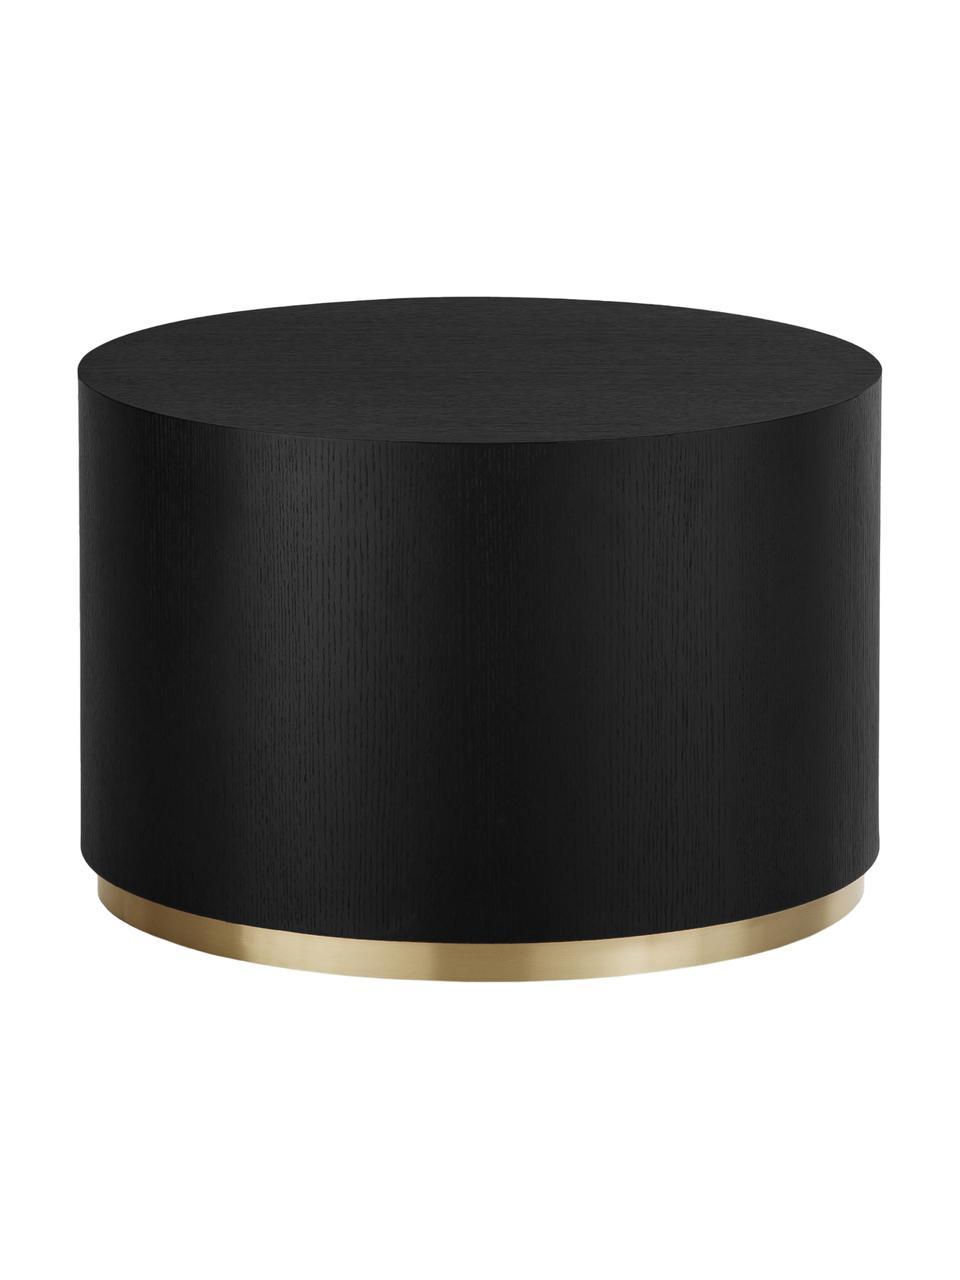 Ronde salontafel Clarice in zwart, Frame: MDF met eikenhoutfineer, Voet: gecoat metaal, Frame: zwart gelakt eikenhout. Voet: goudkleurig, Ø 60 x H 40 cm